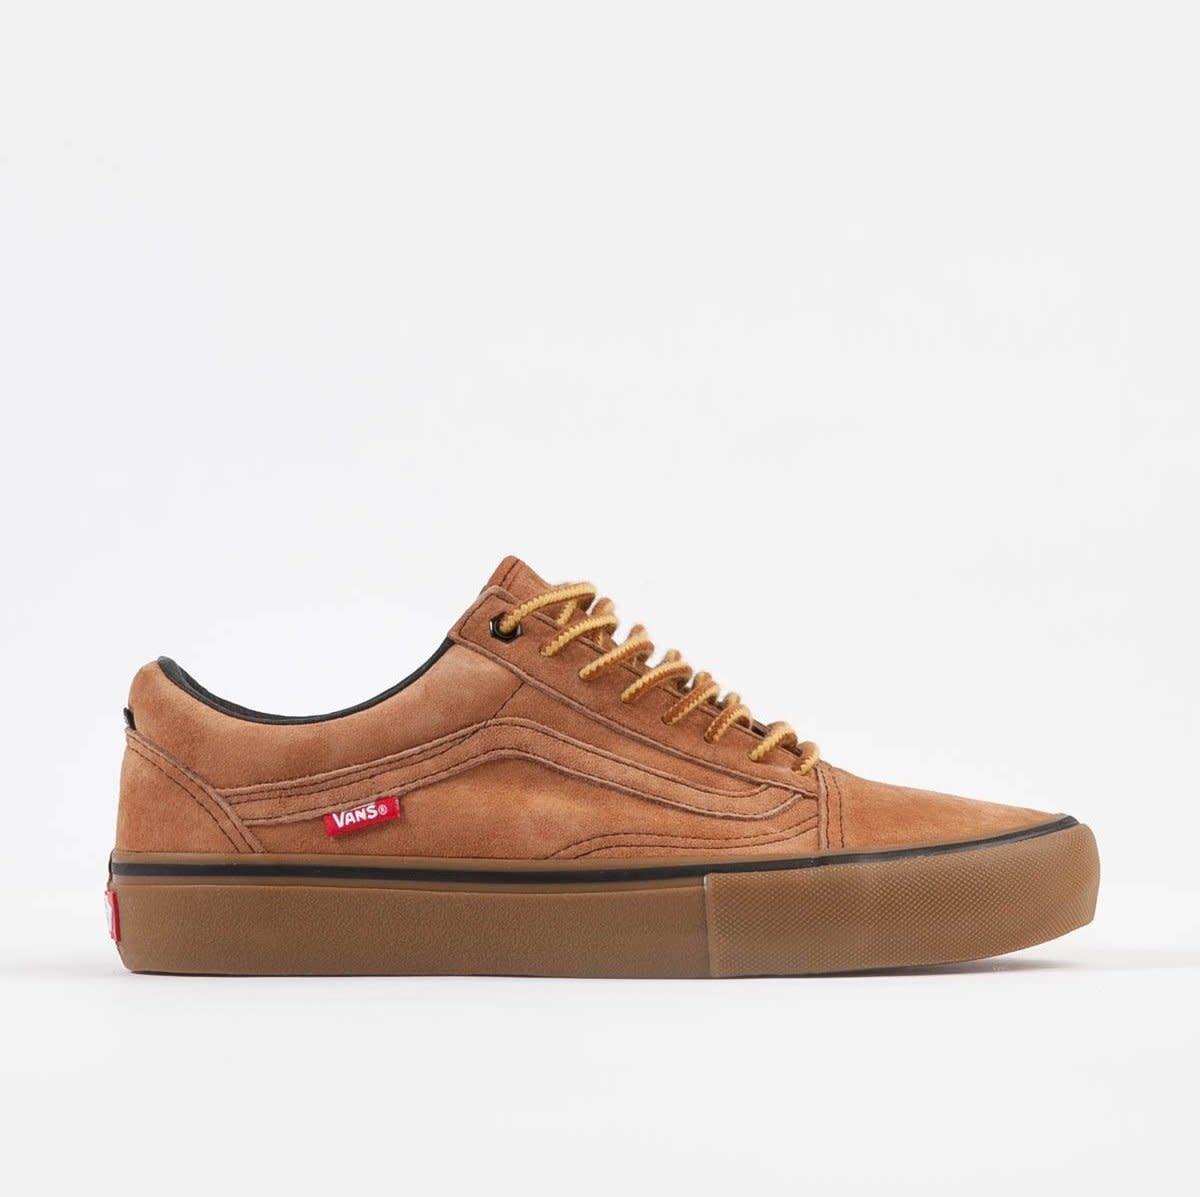 Vans Shoes Old Skool Pro Anti-Hero Cardiel Camel/Gum